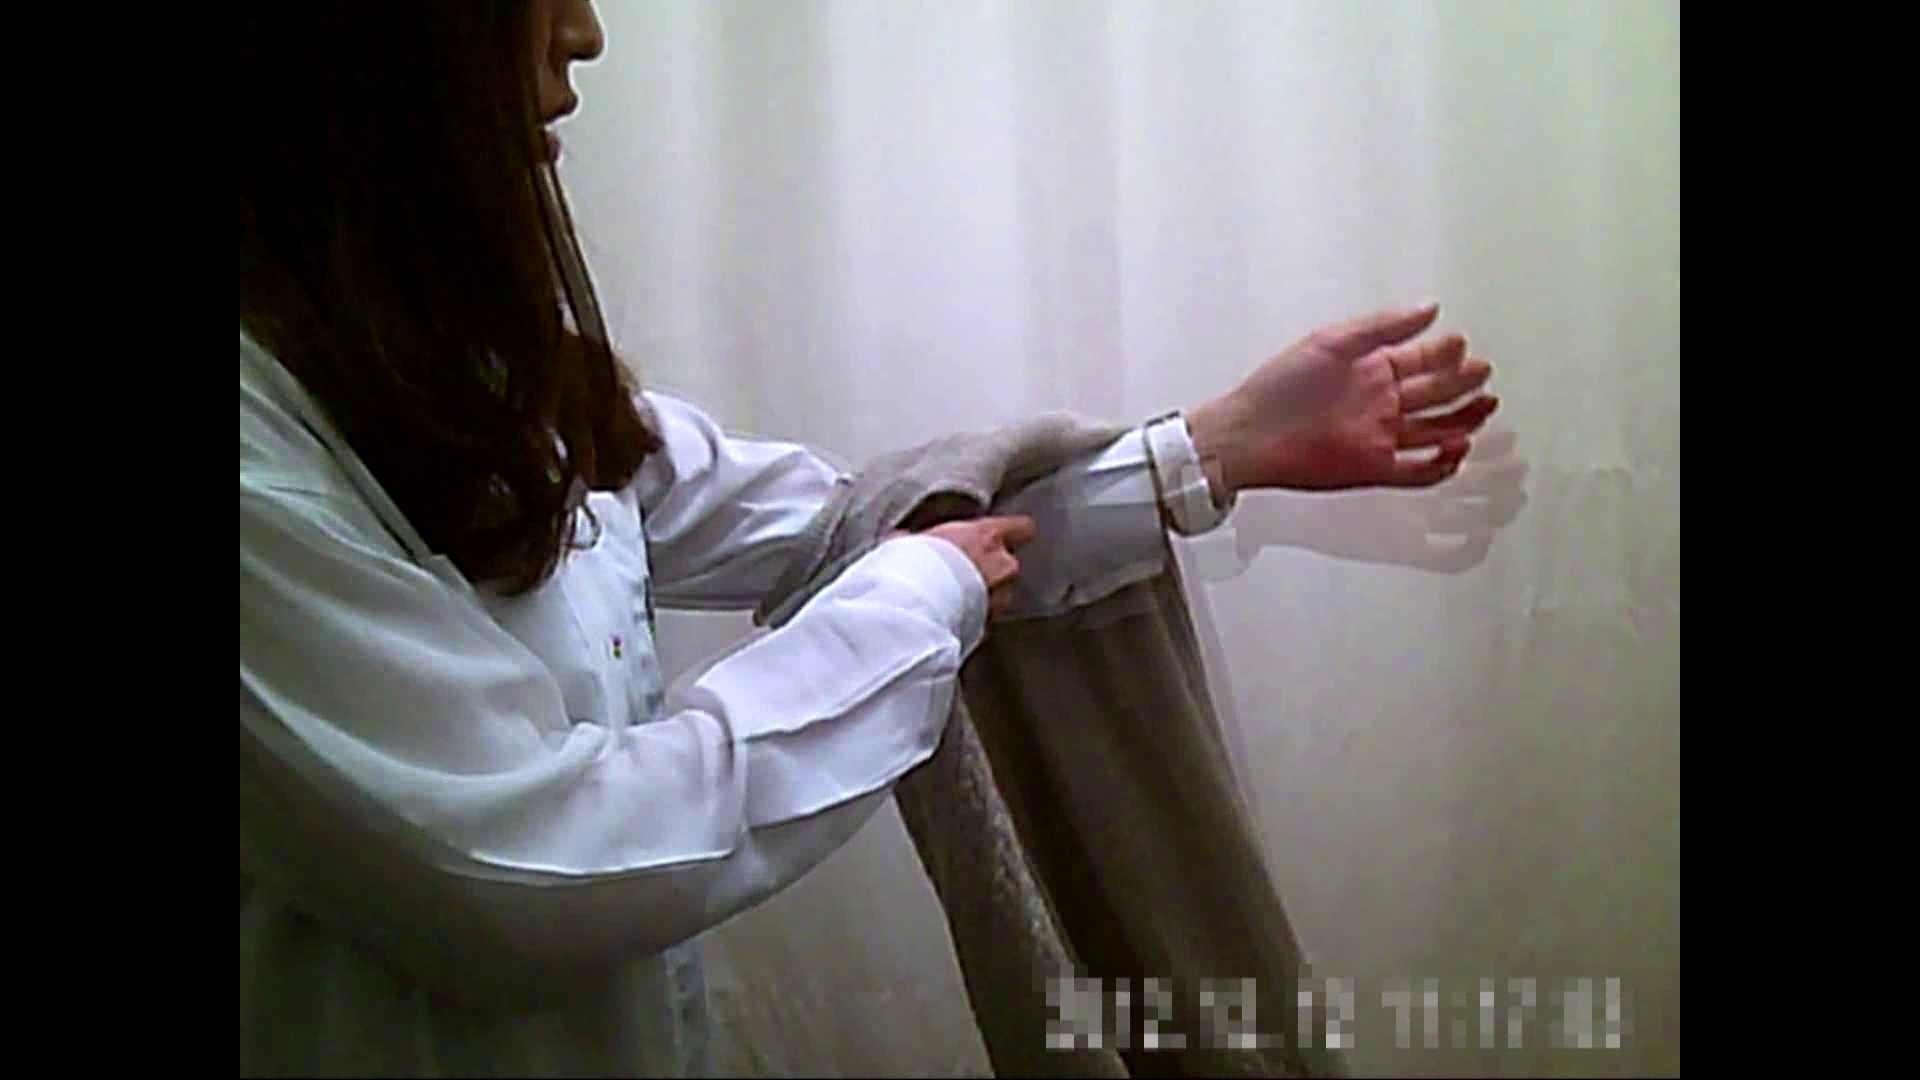 元医者による反抗 更衣室地獄絵巻 vol.121 OLの実態 | 0  75pic 49